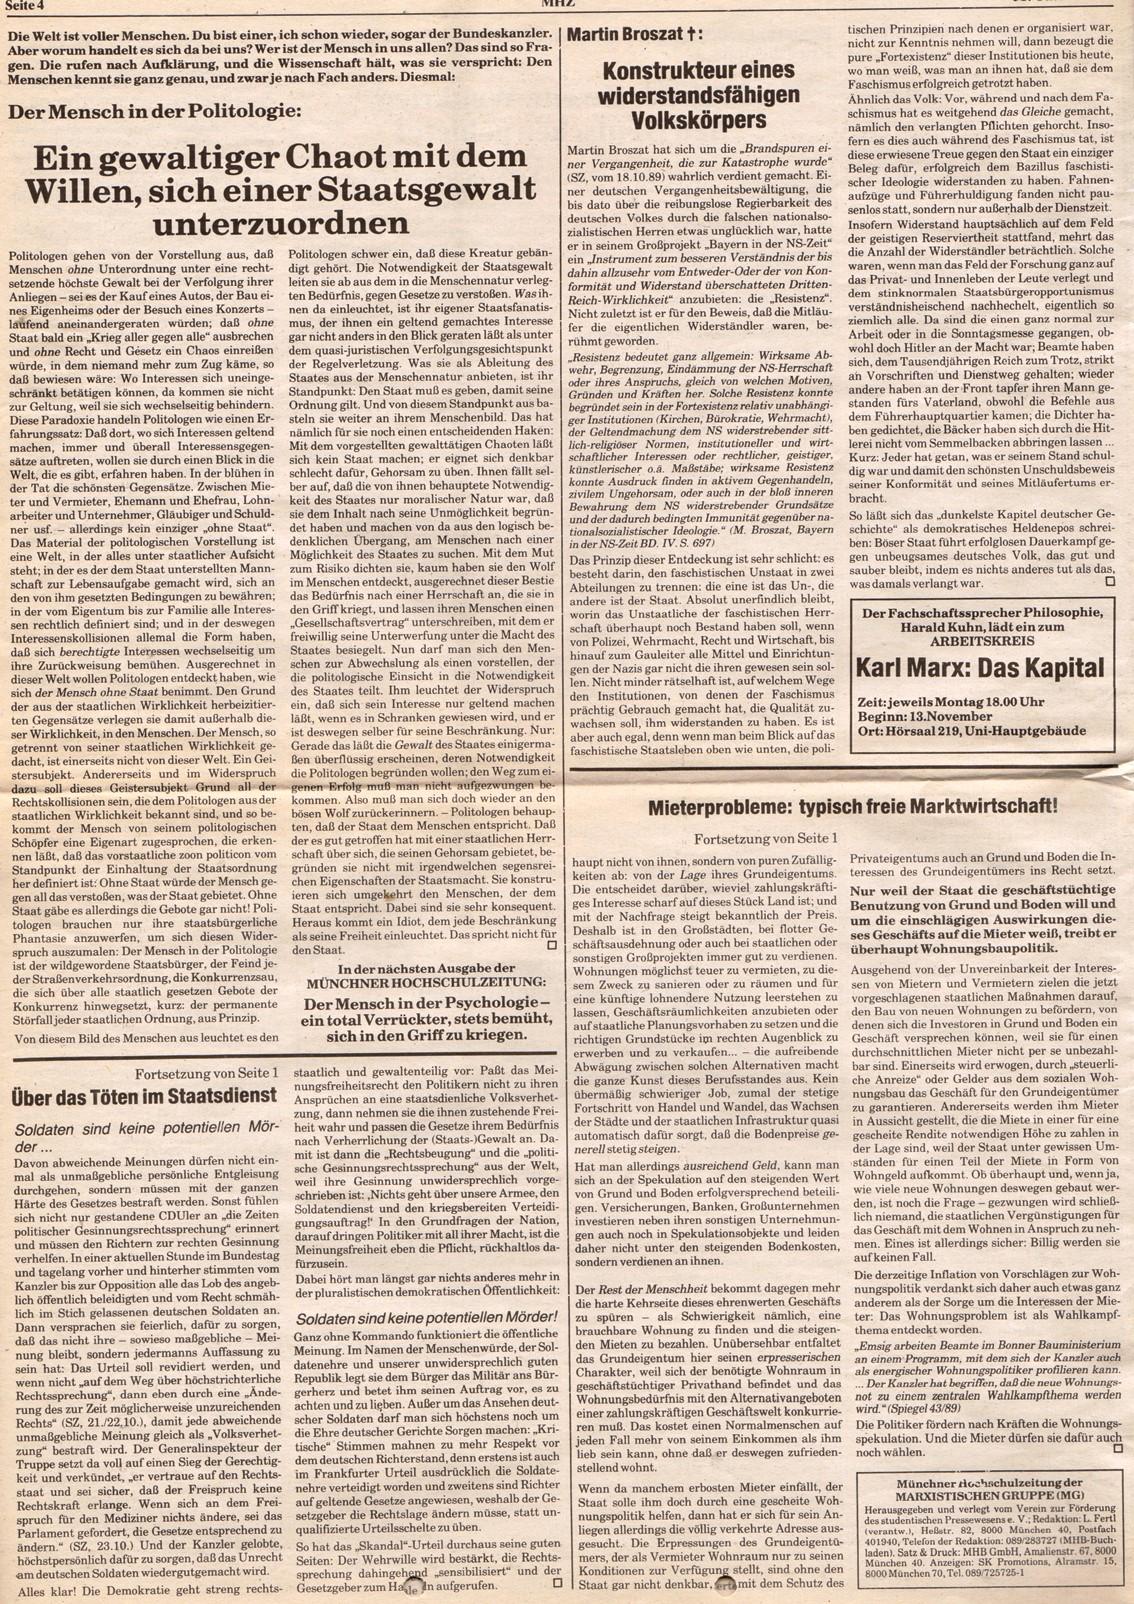 Muenchen_MG_Hochschulzeitung_19891031_04